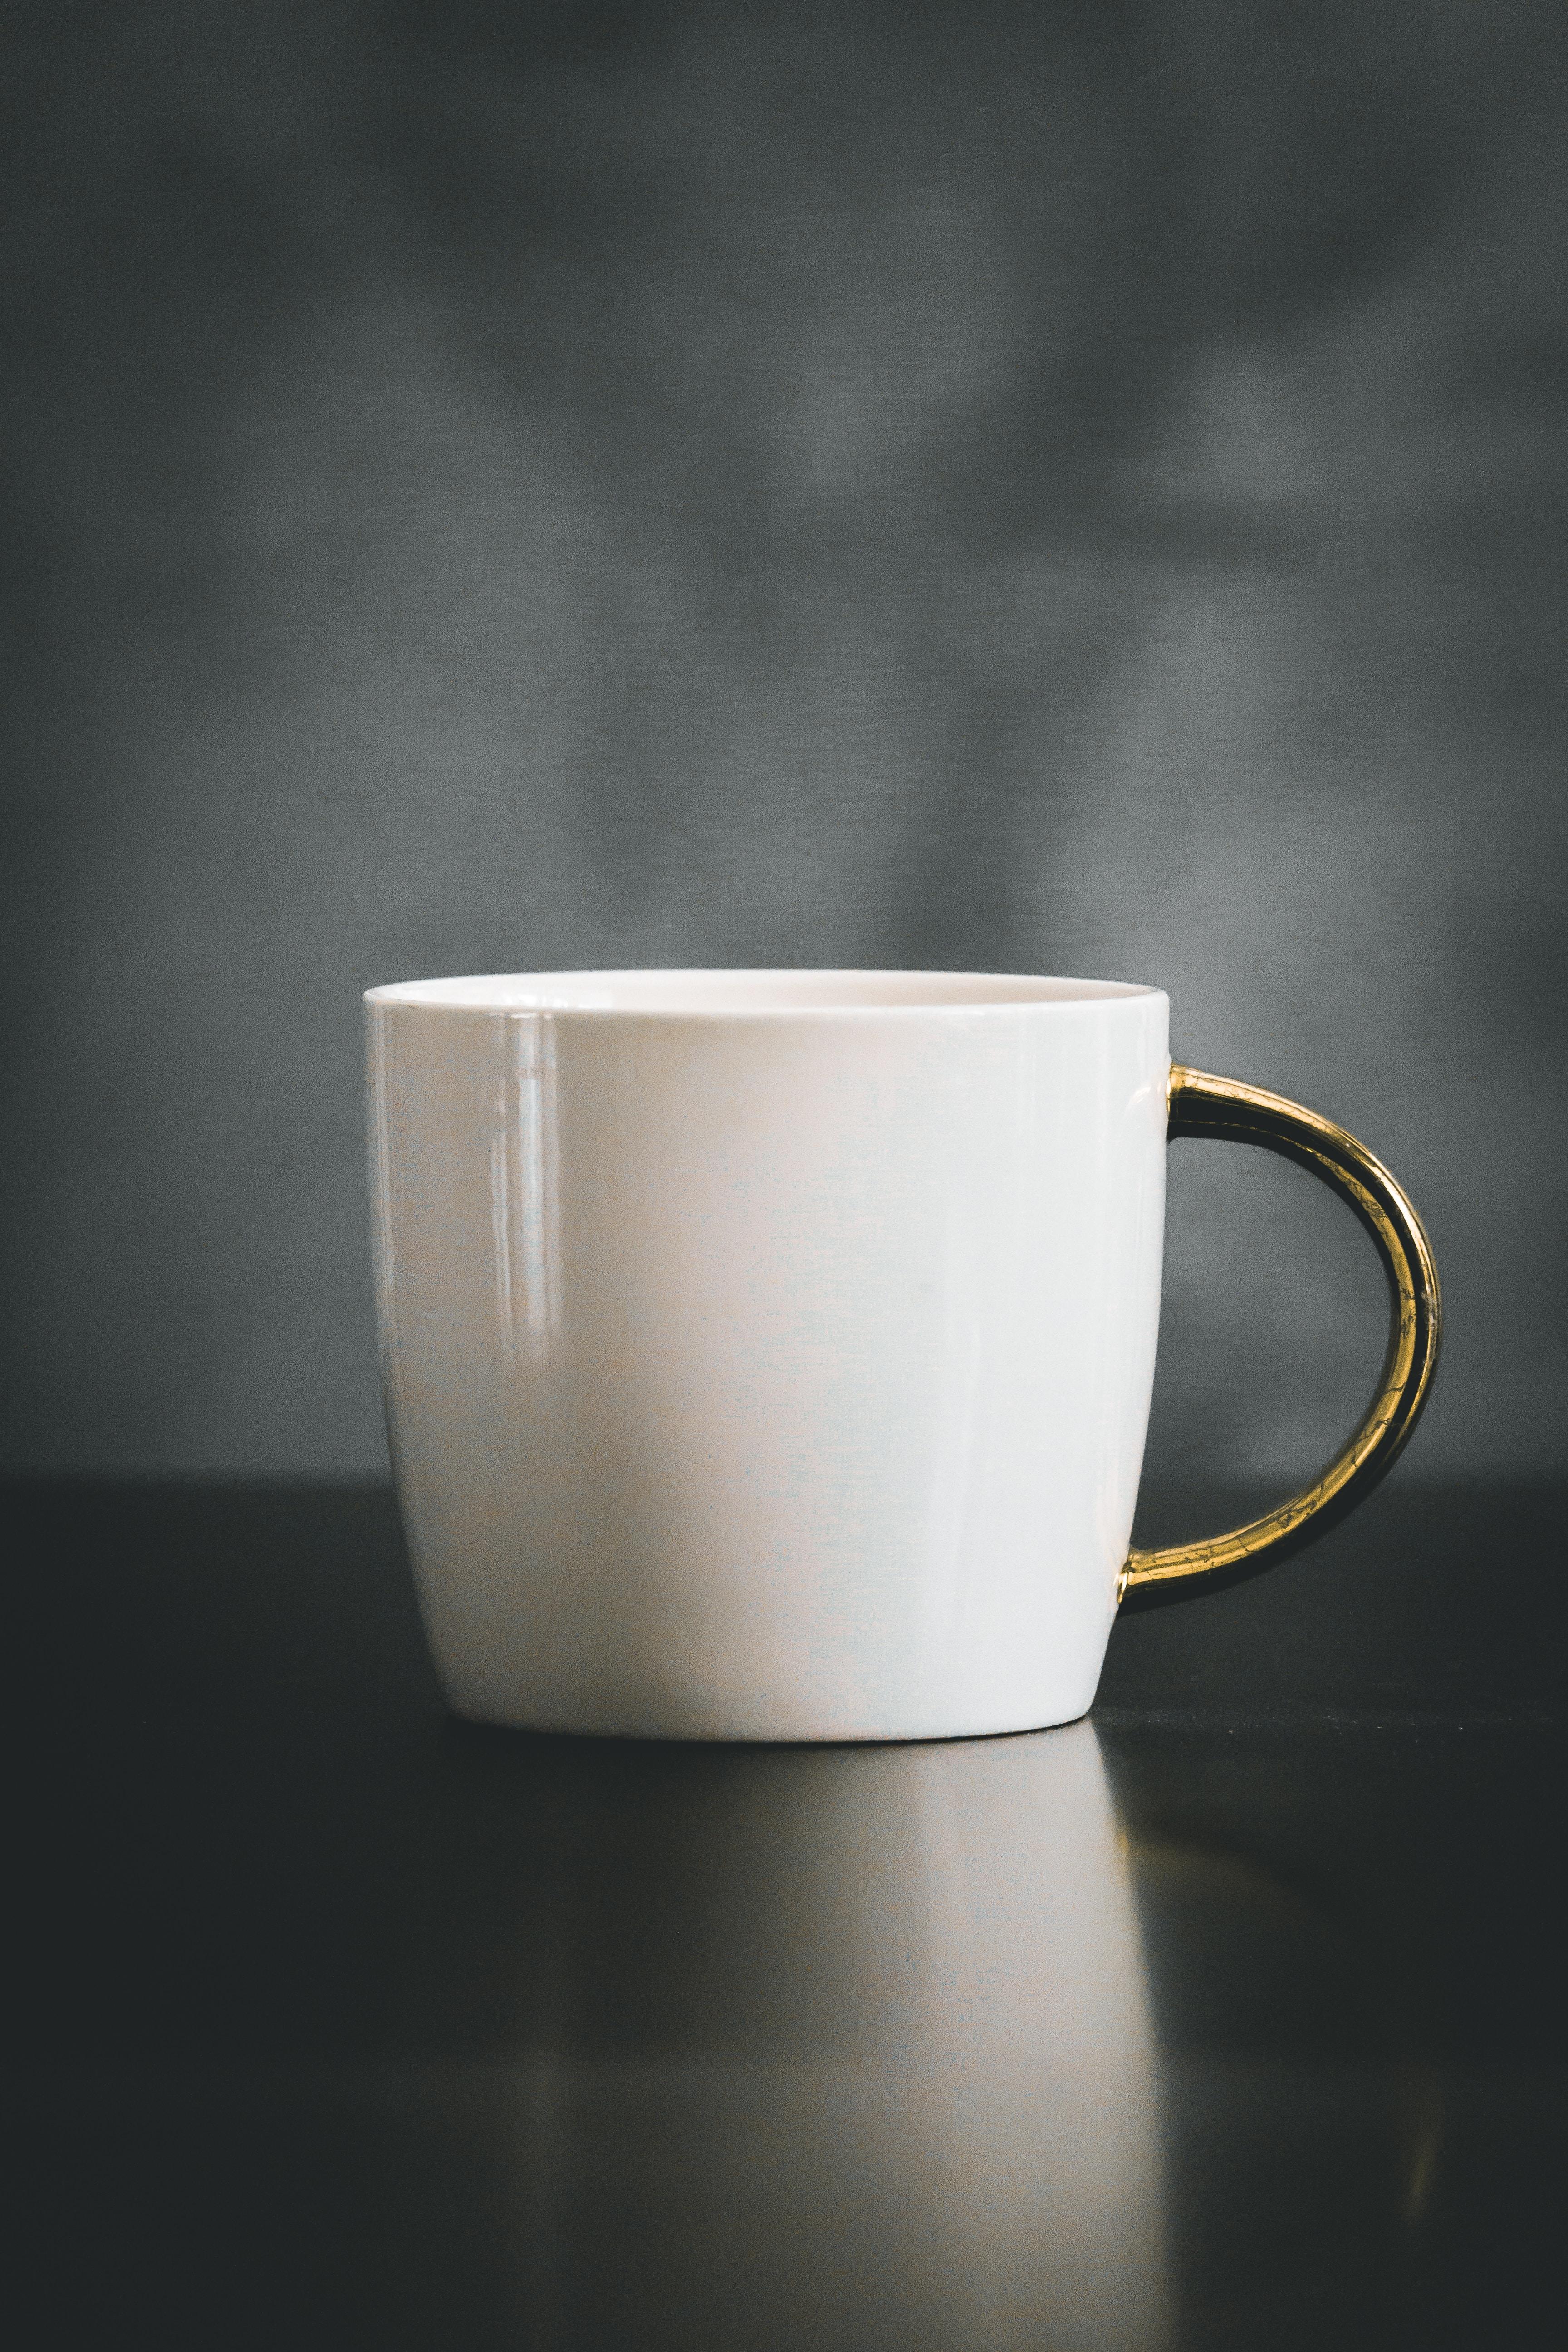 white and beige ceramic mug on black surface